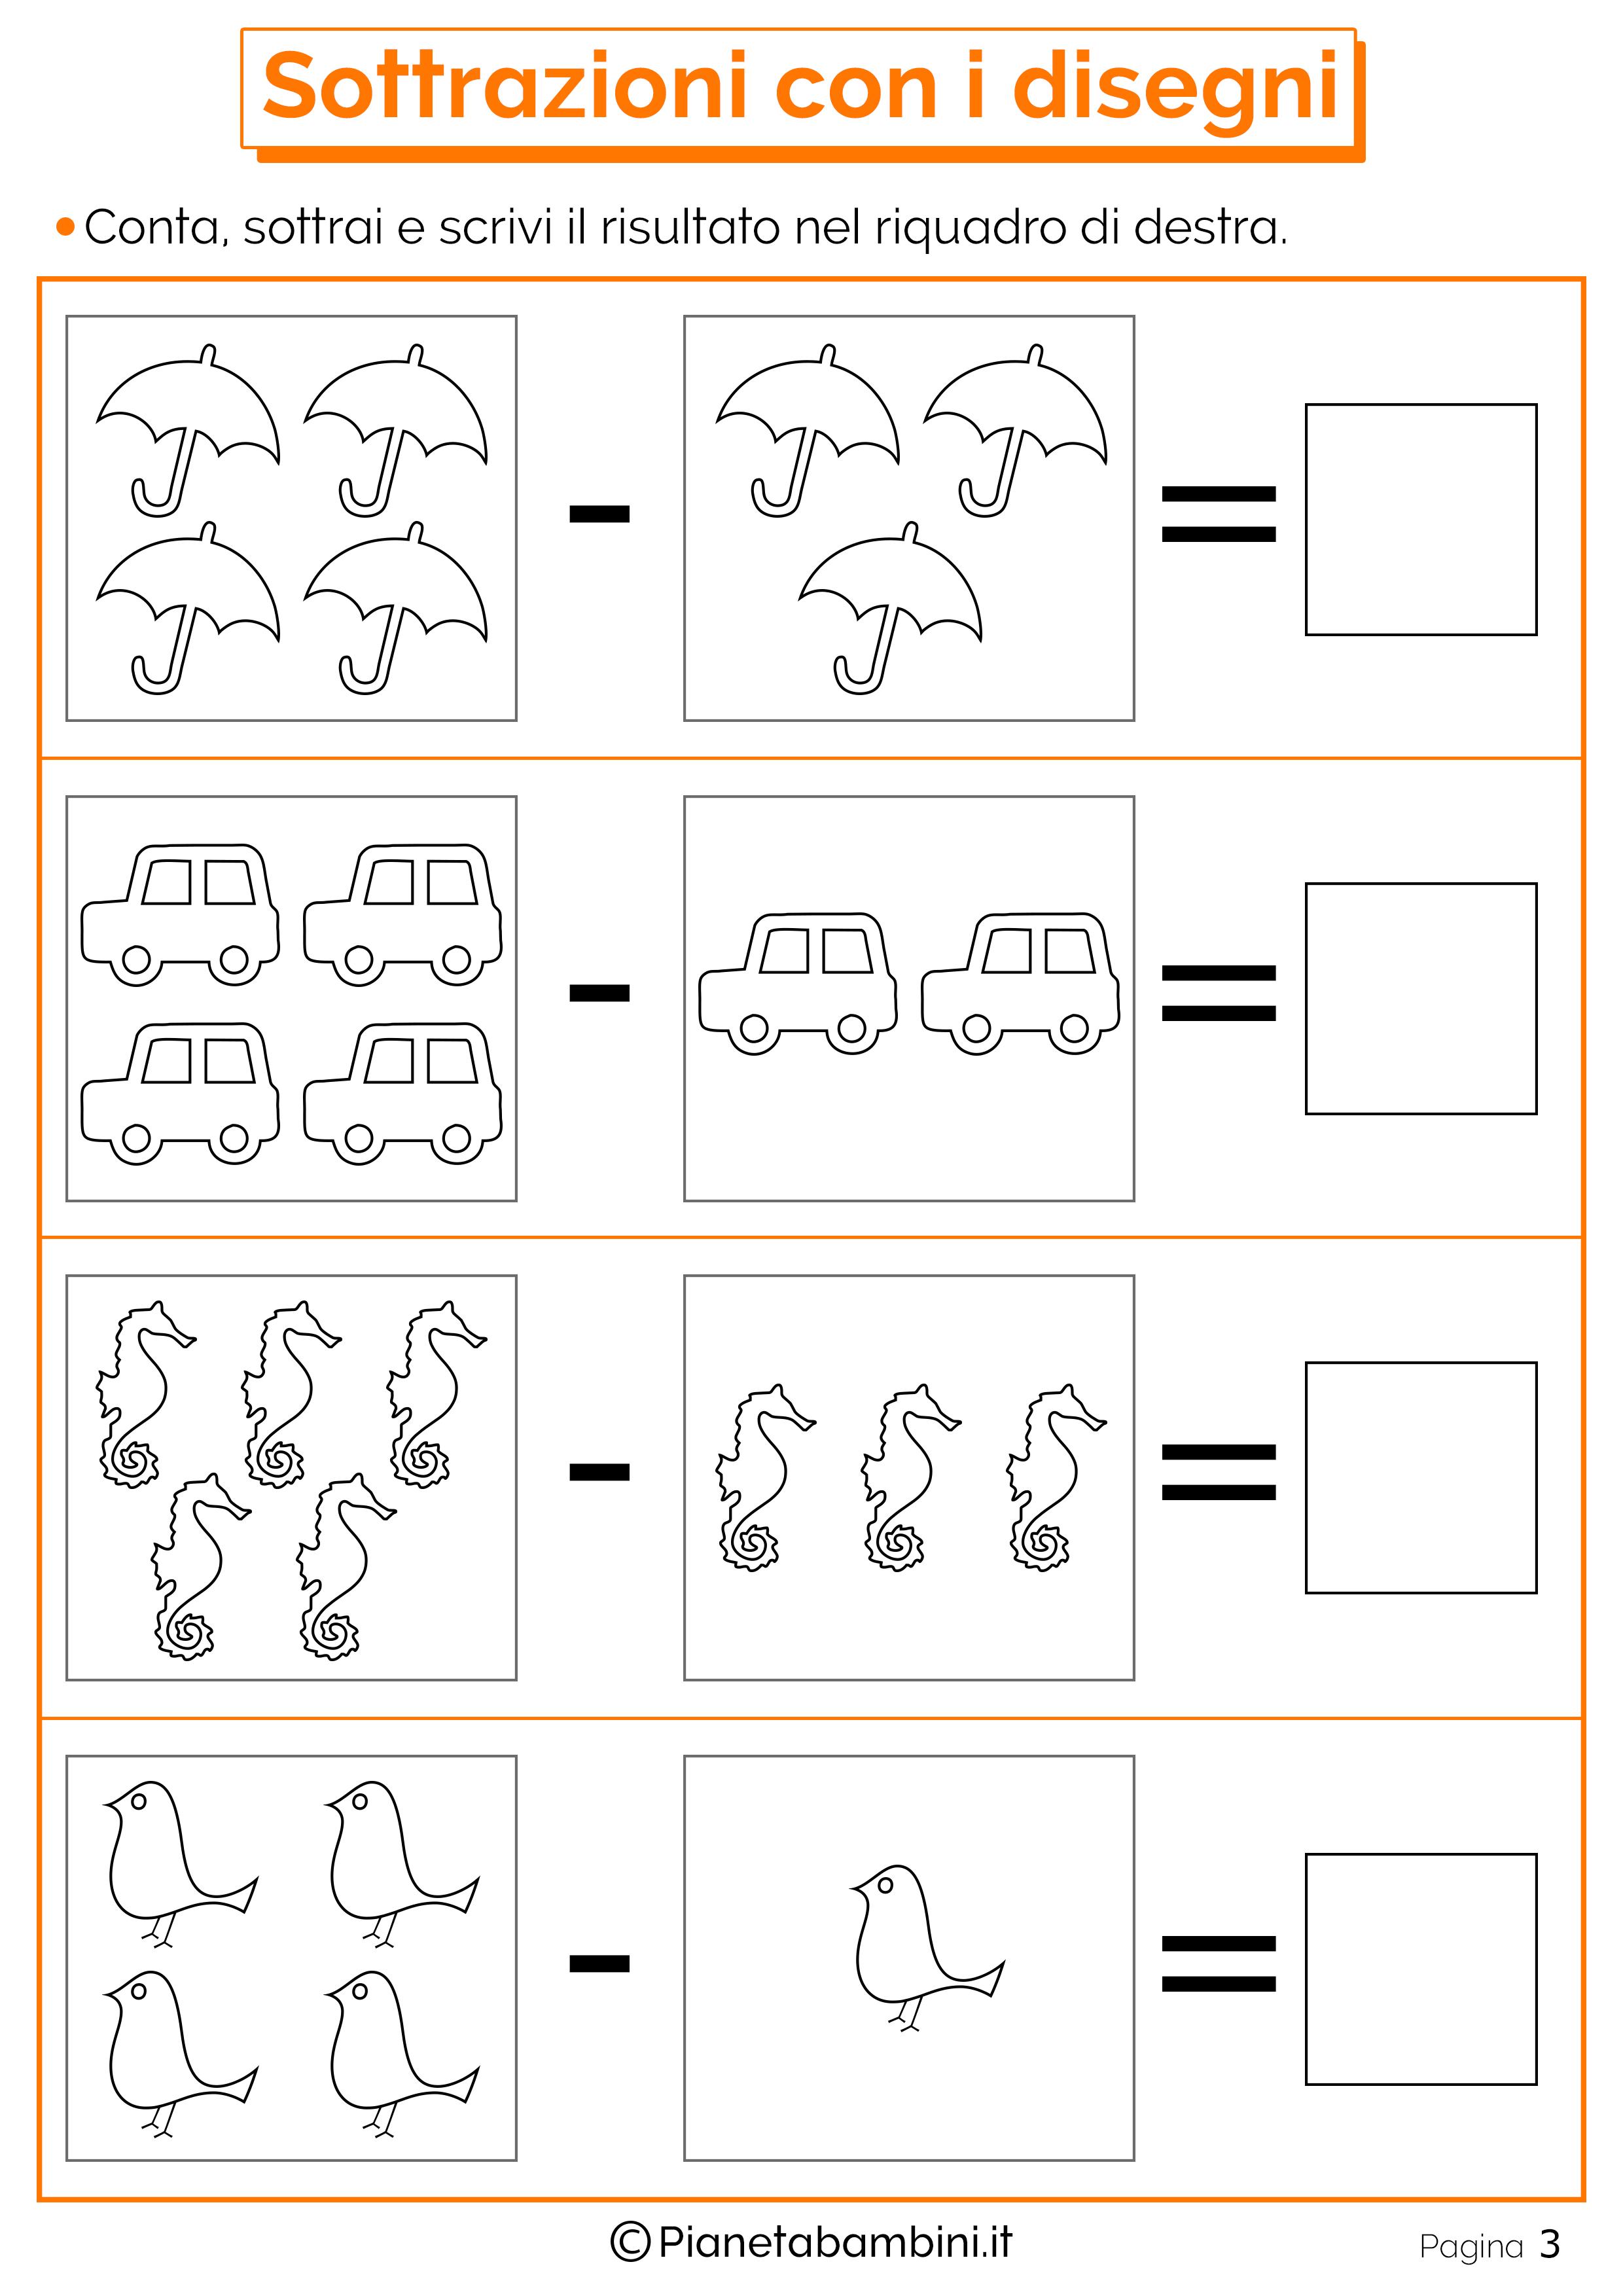 Sottrazioni-Disegni_3